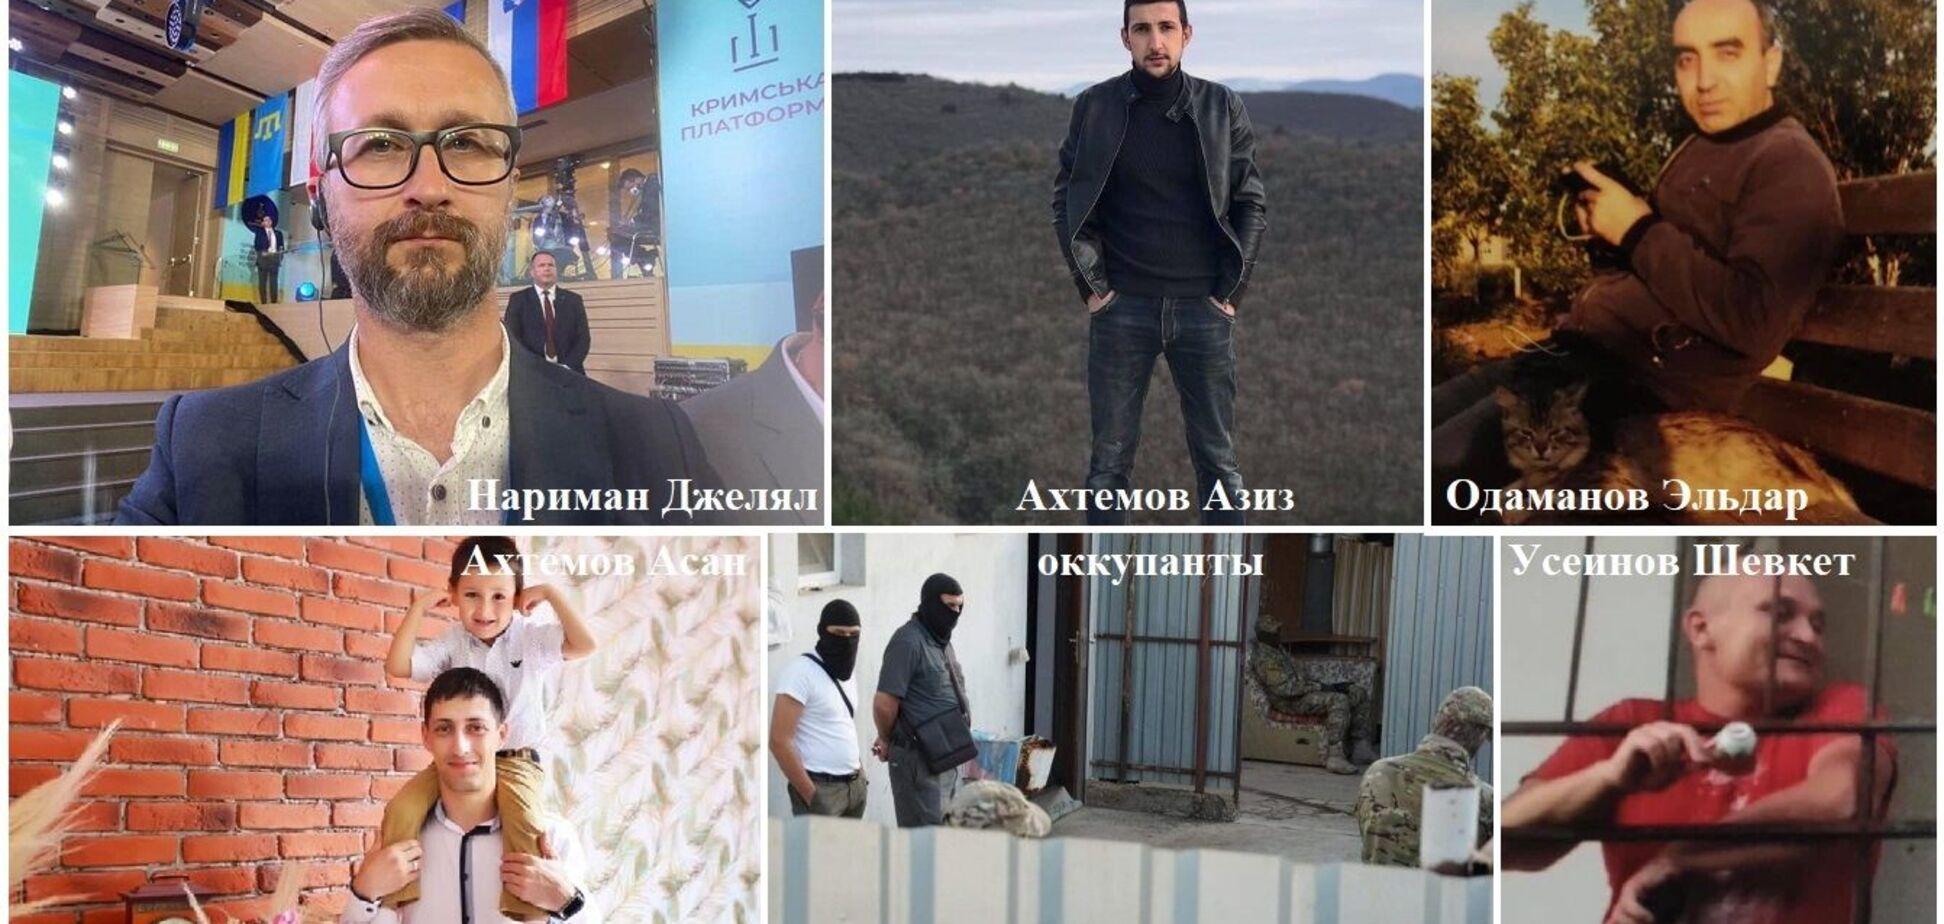 Новини Кримнаша. Окупанти викрали п'ять кримських татар